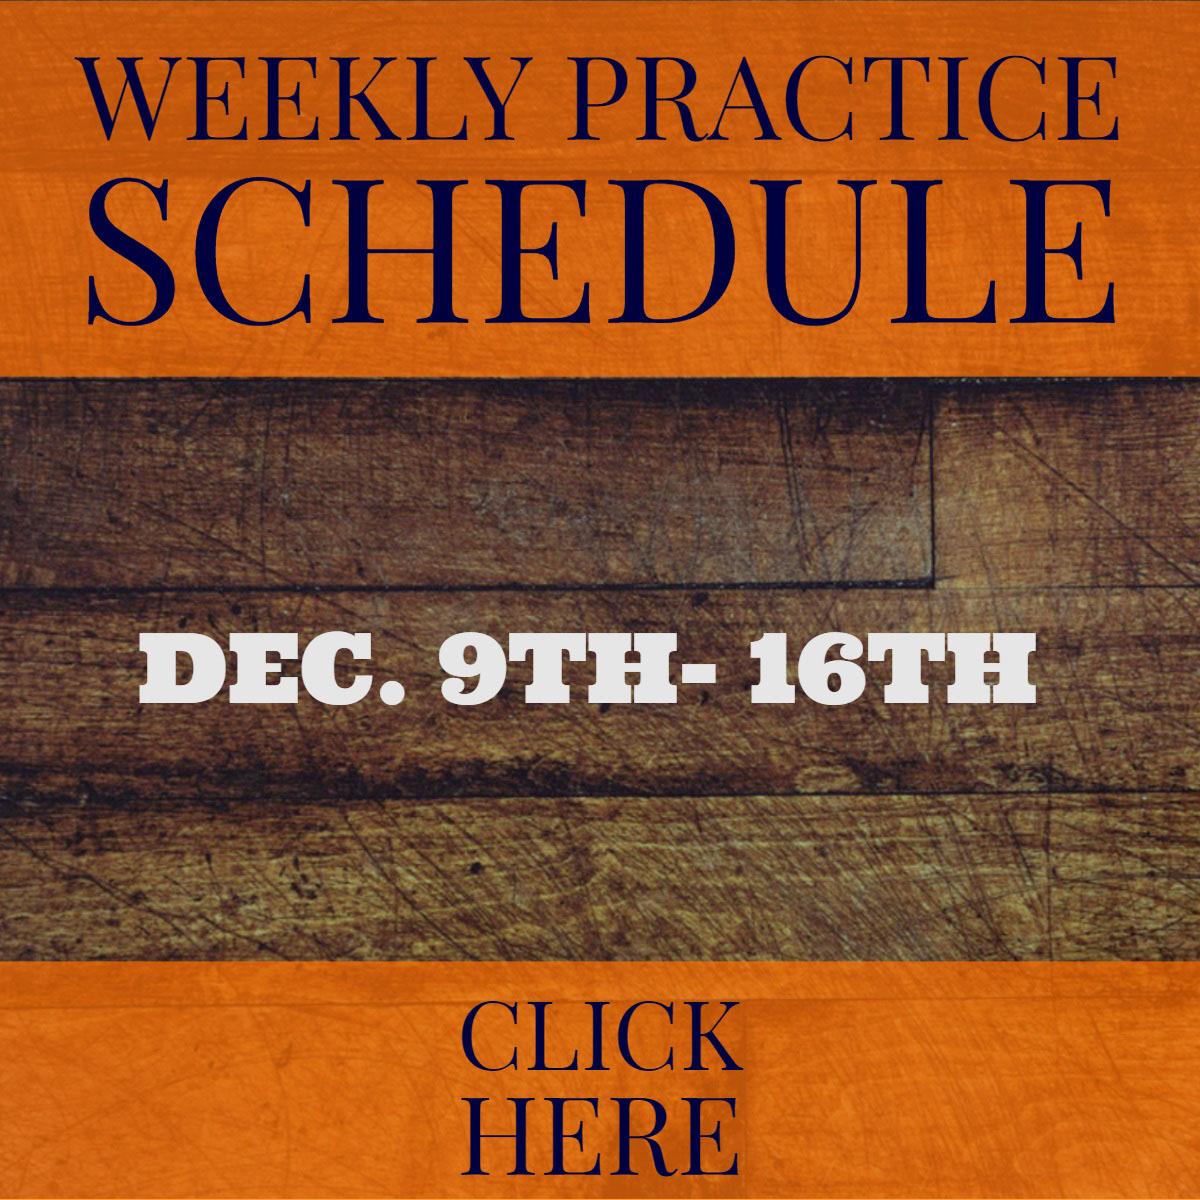 Weekly Practice Schedule Weekly Practice Schedule<P>Dec. 9th- 16th<P>CLICK HERE